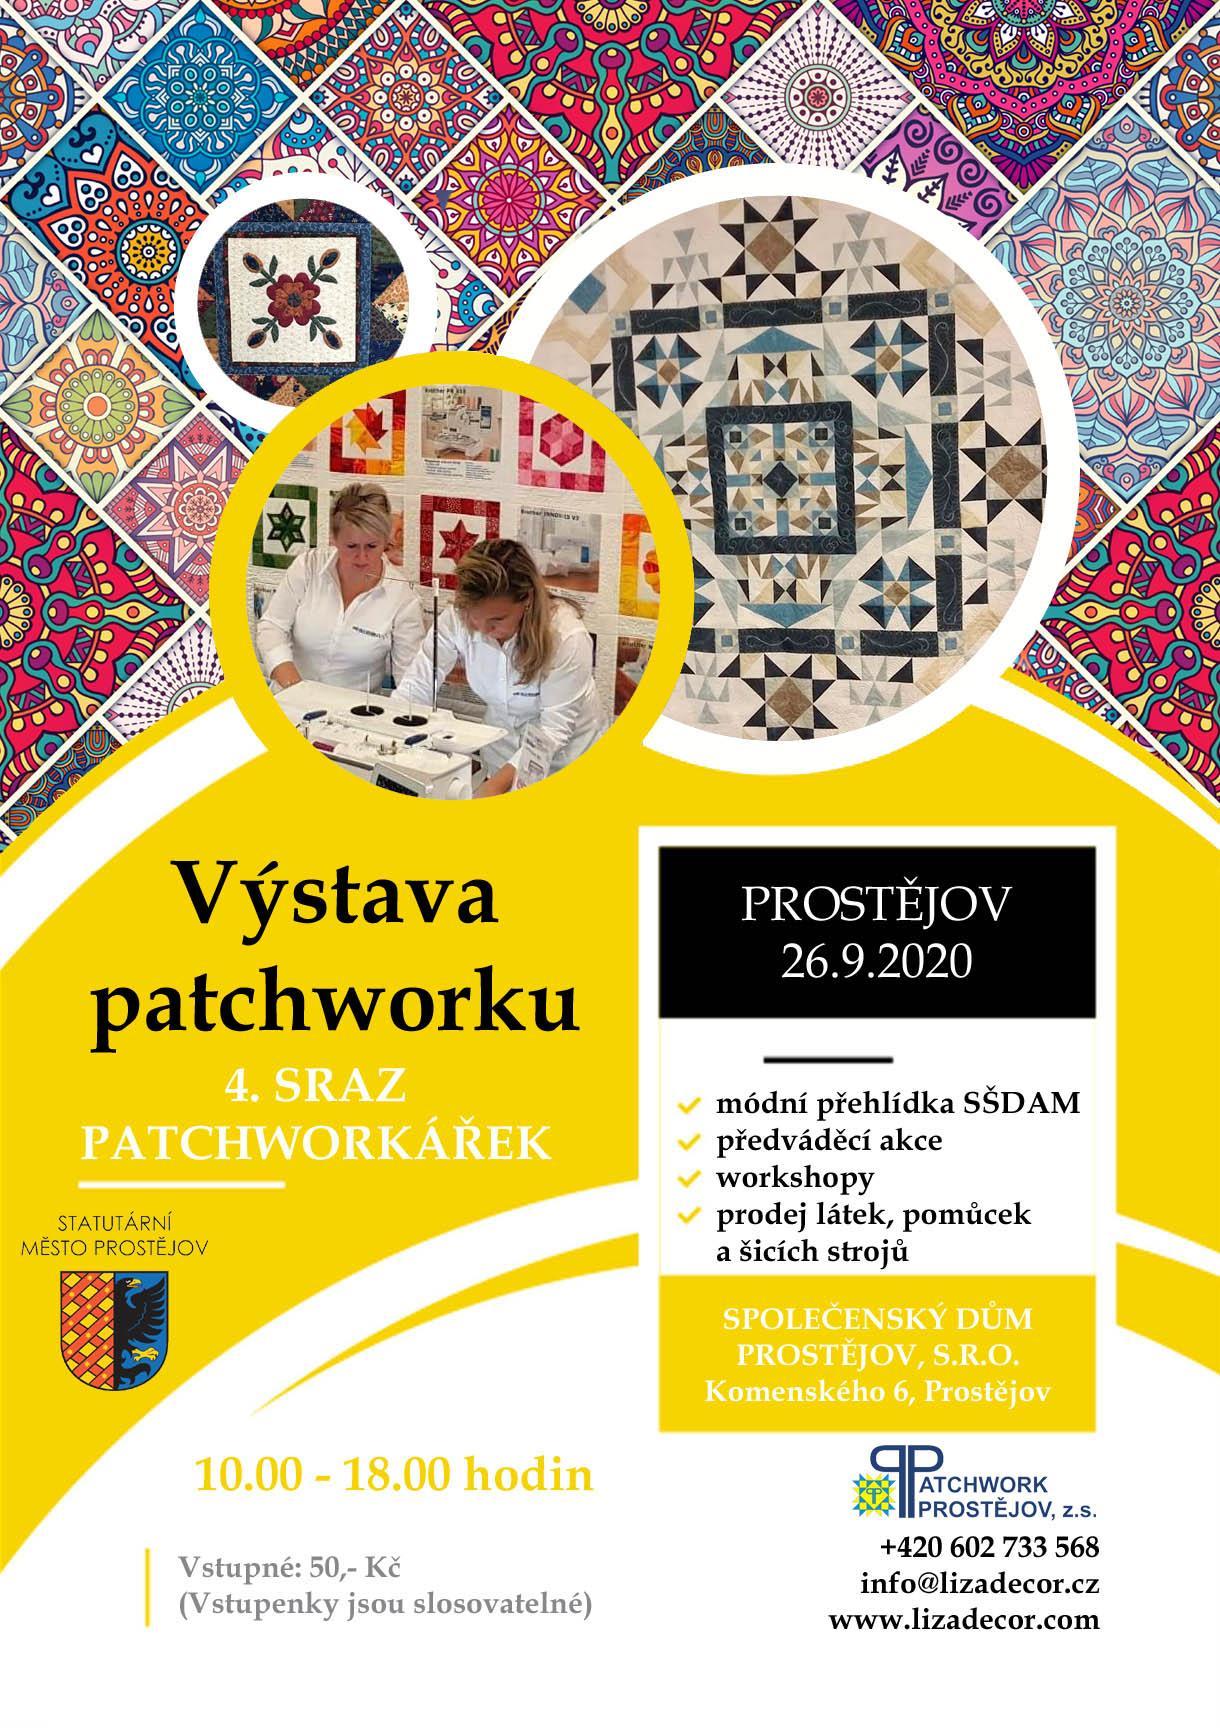 Výstava patchworku - 4. sraz patchworkářek 26. 9. 2020 v době od 10.00 - 18.00